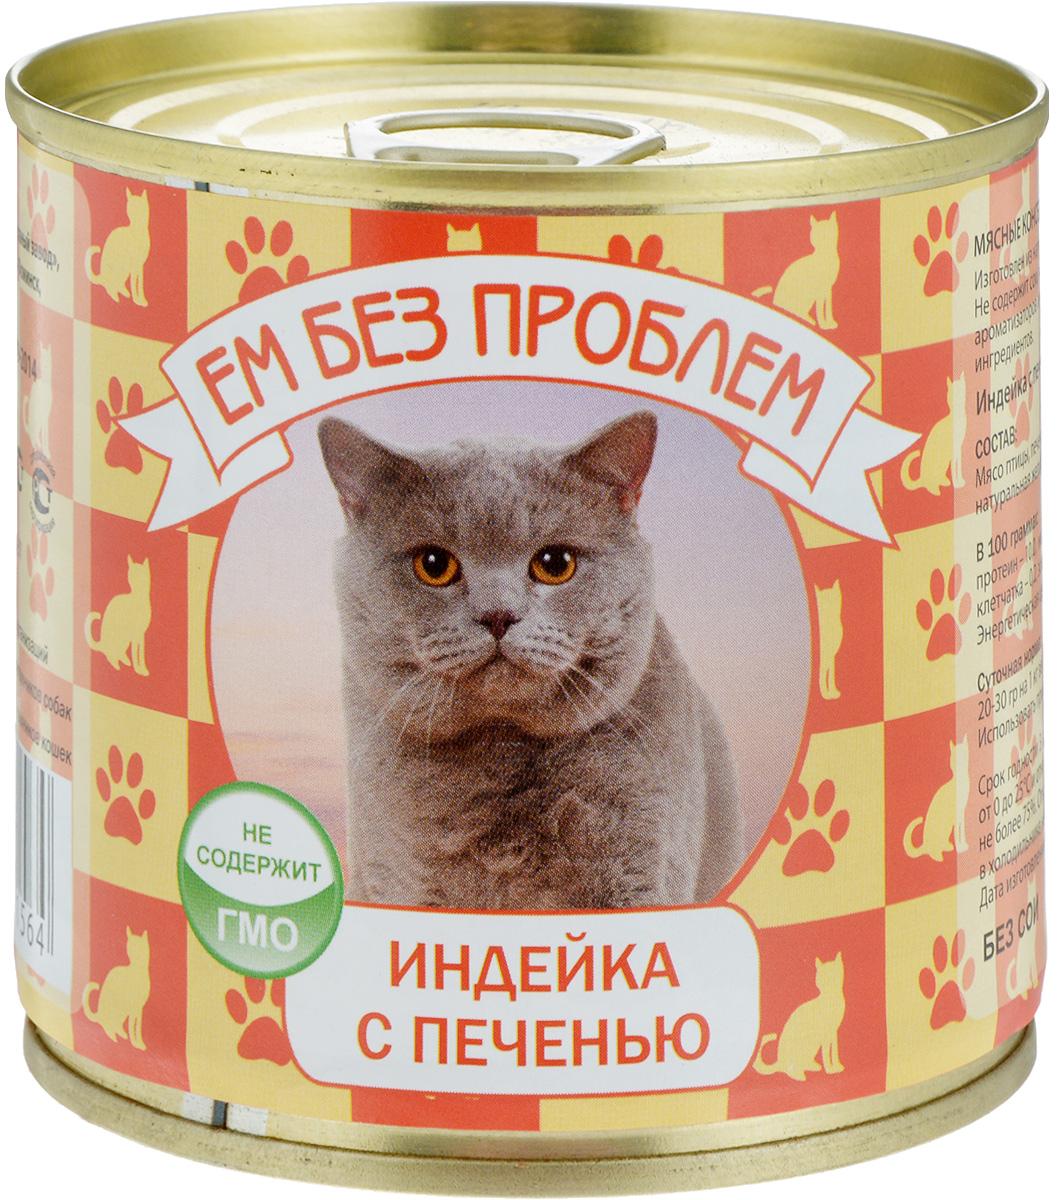 Консервы для кошек Ем без проблем, индейка с печенью, 250 г0120710Мясные консервы для кошек Ем без проблем изготовлены из натурального российского мяса. Не содержат сои, консервантов, красителей, ароматизаторов и генномодифицированных ингредиентов. Корм полностью удовлетворяет ежедневные энергетические потребности животного и обеспечивает оптимальное функционирование пищеварительной системы. Консервы Ем без проблем рекомендуется смешивать с кашами и овощами.Товар сертифицирован.